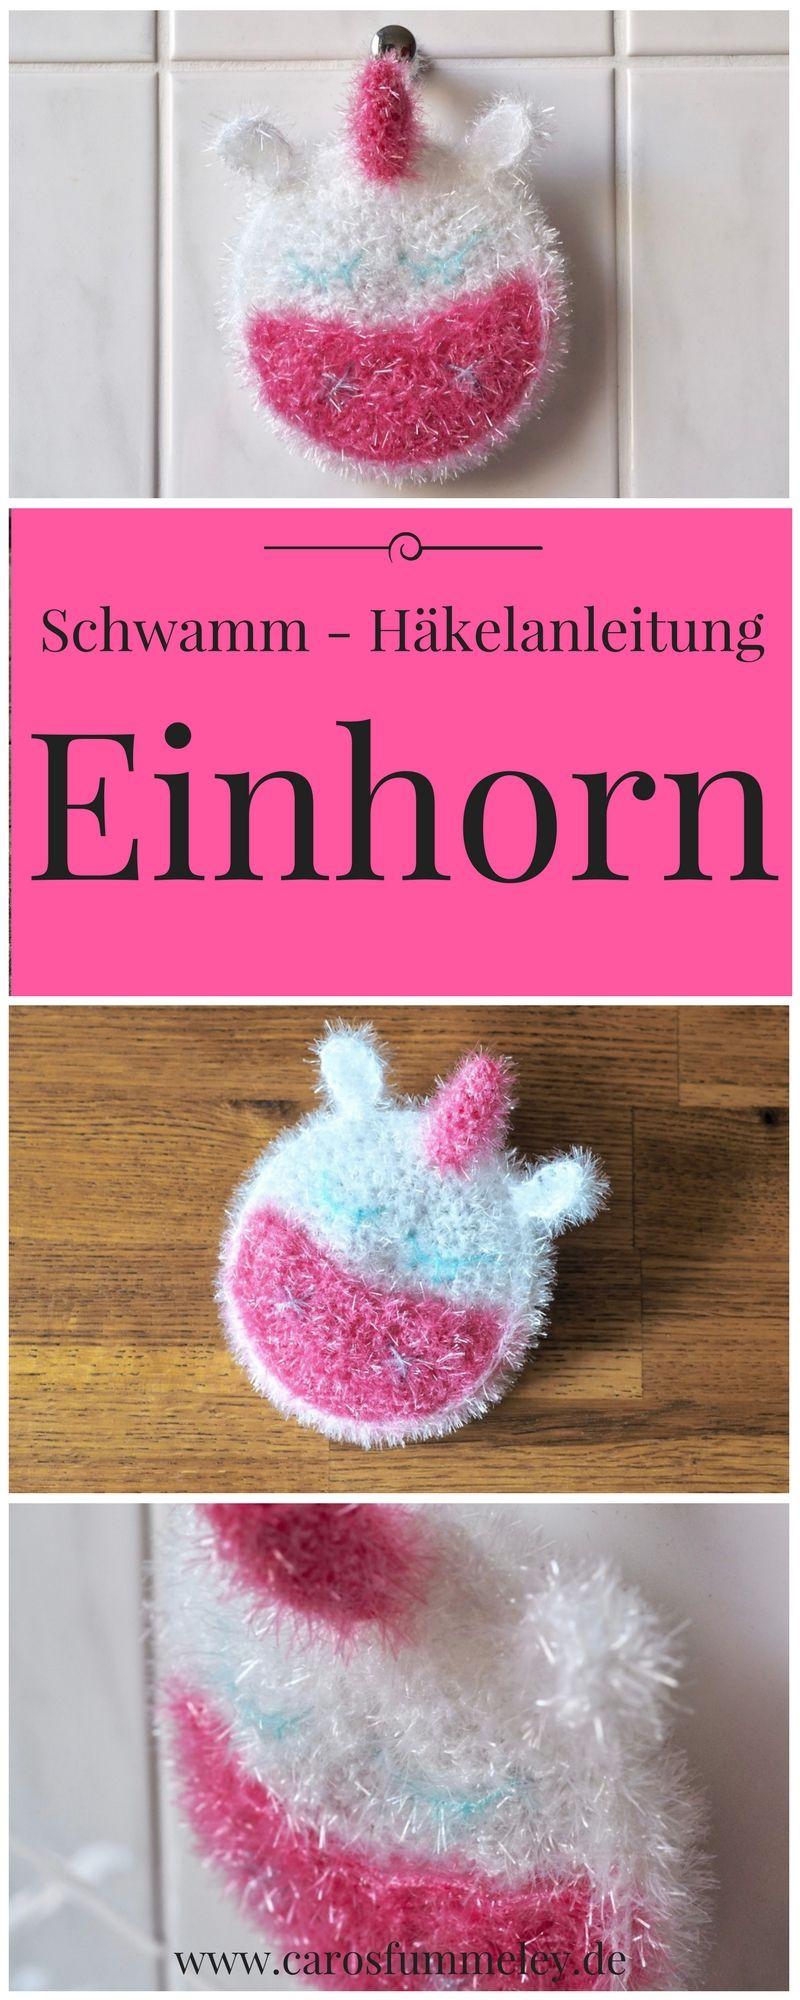 Häkelanleitung Einhorn Schwamm Pinterest Erfolgreich Nutzen